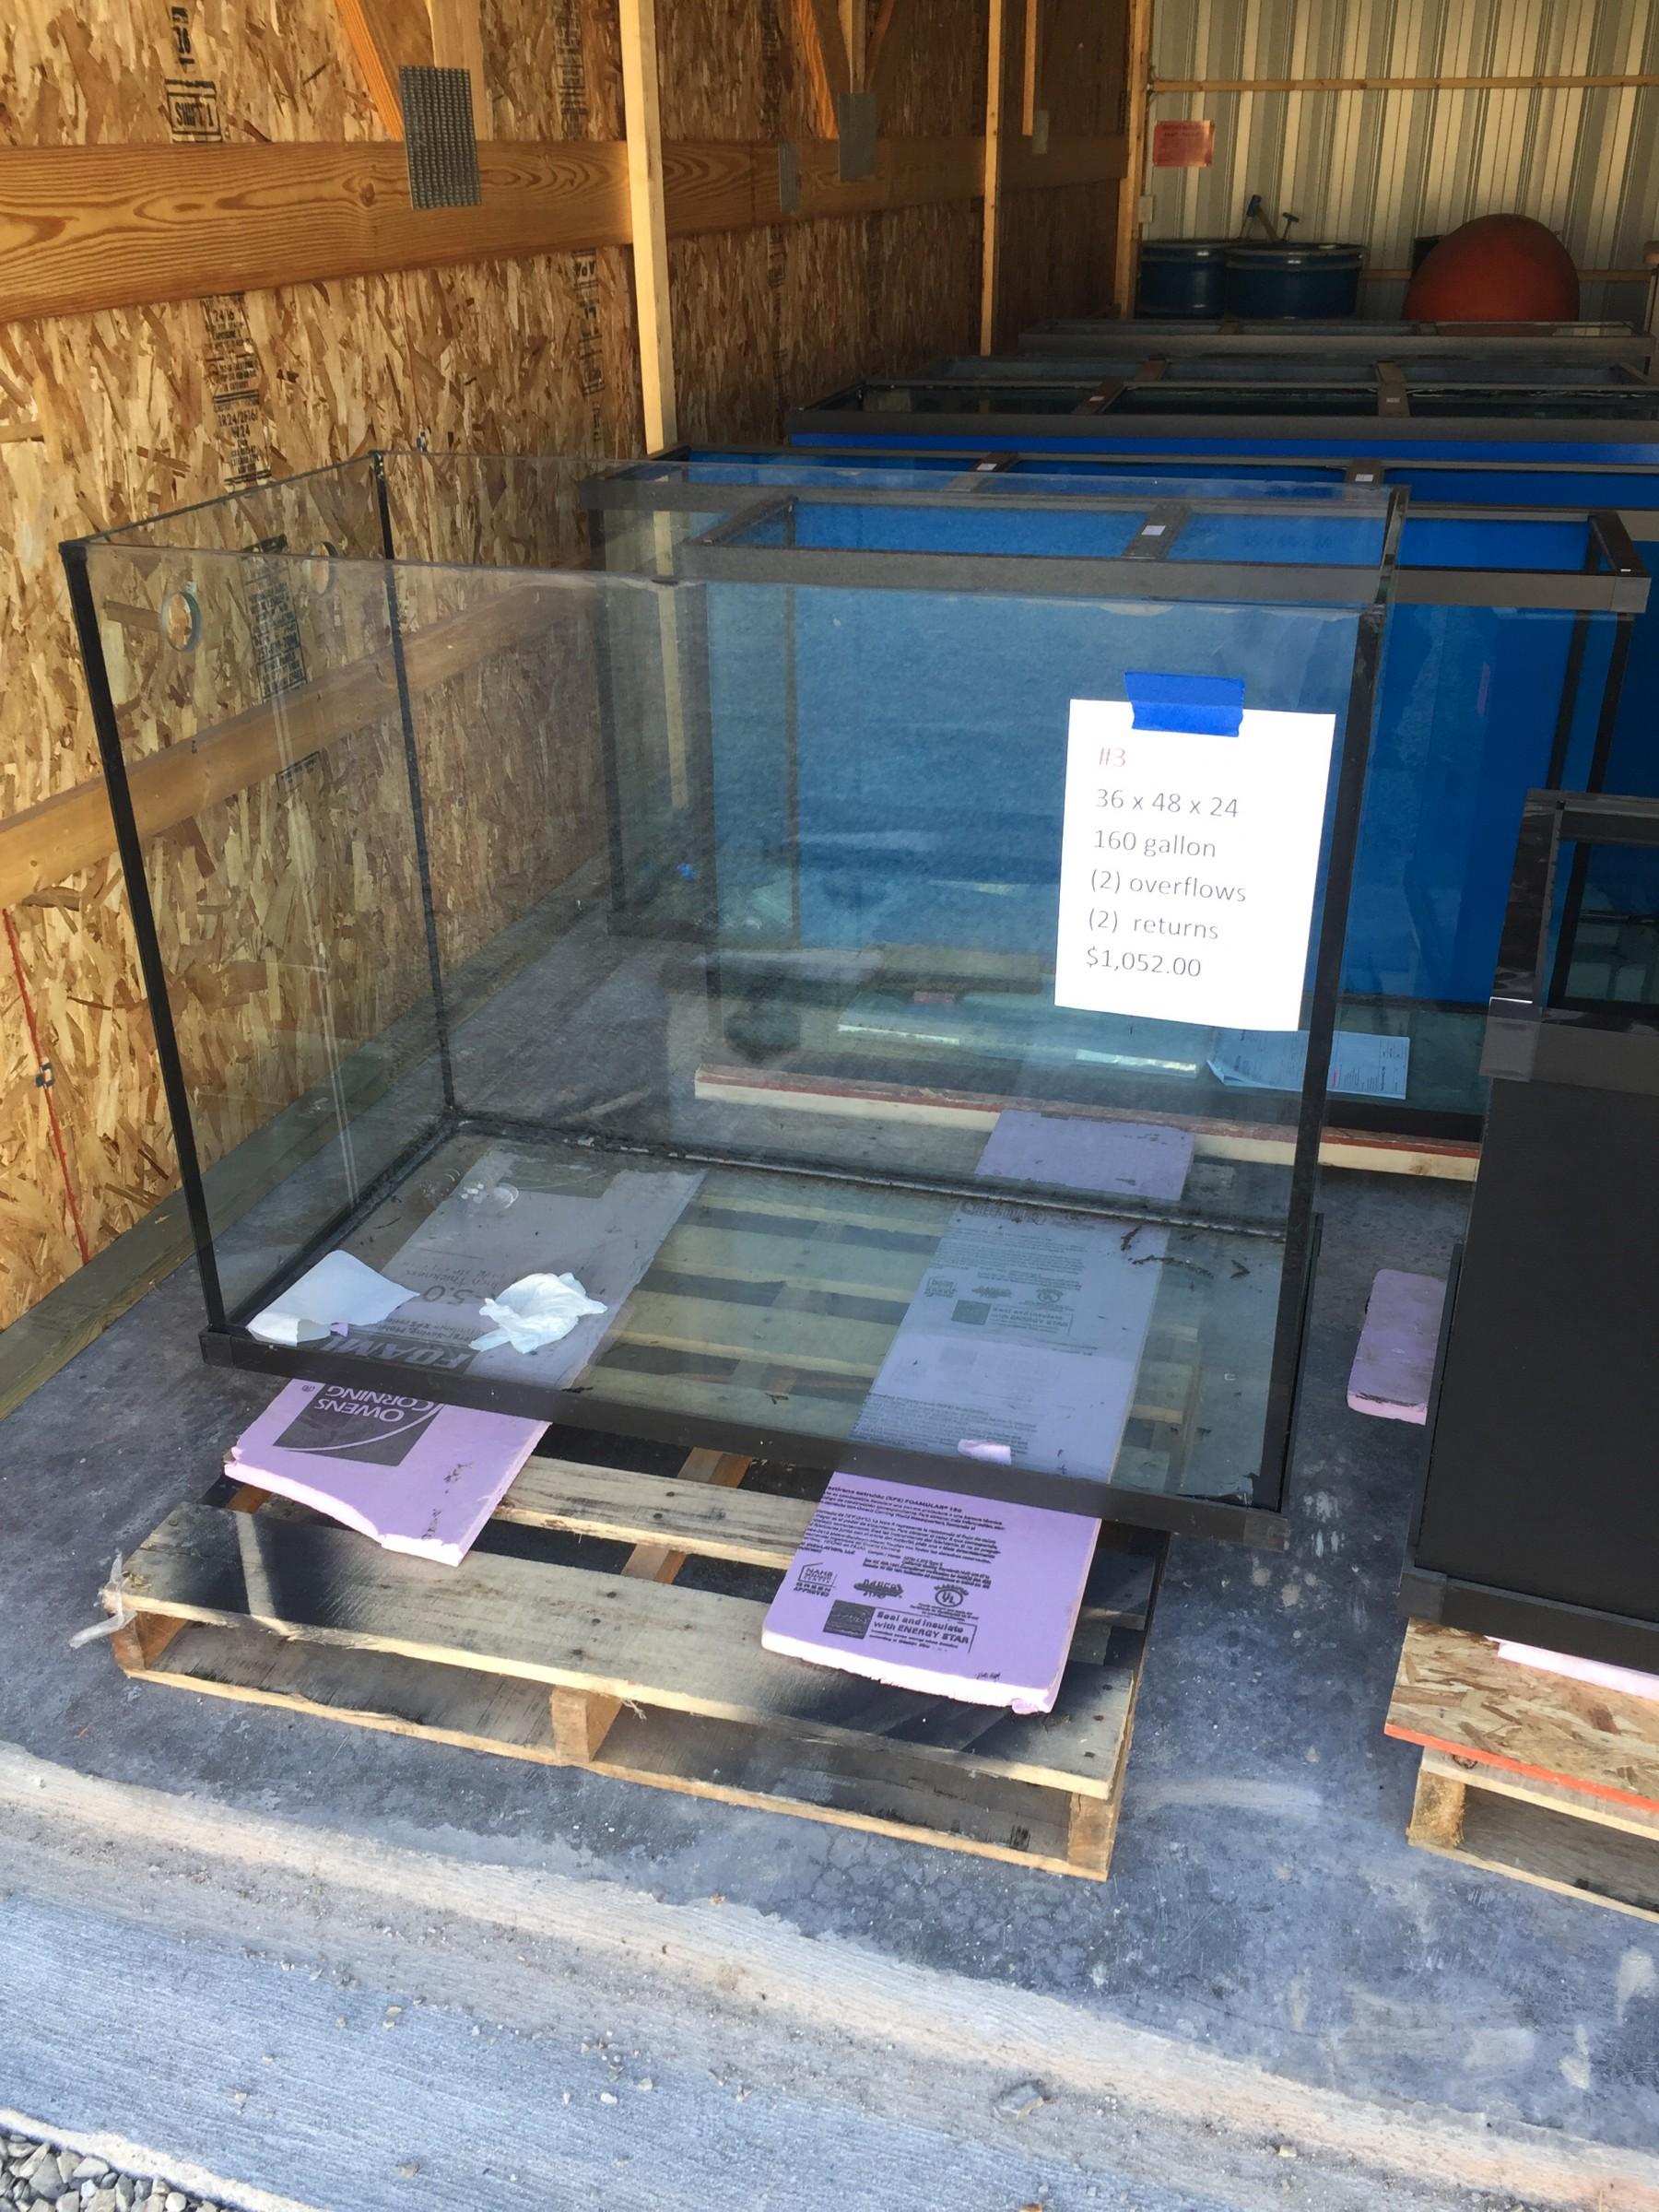 3 175 Gallon Glass Aquarium 36H X 48L X 24D - AS IS-Custom Aquariums-Scratch and Dent